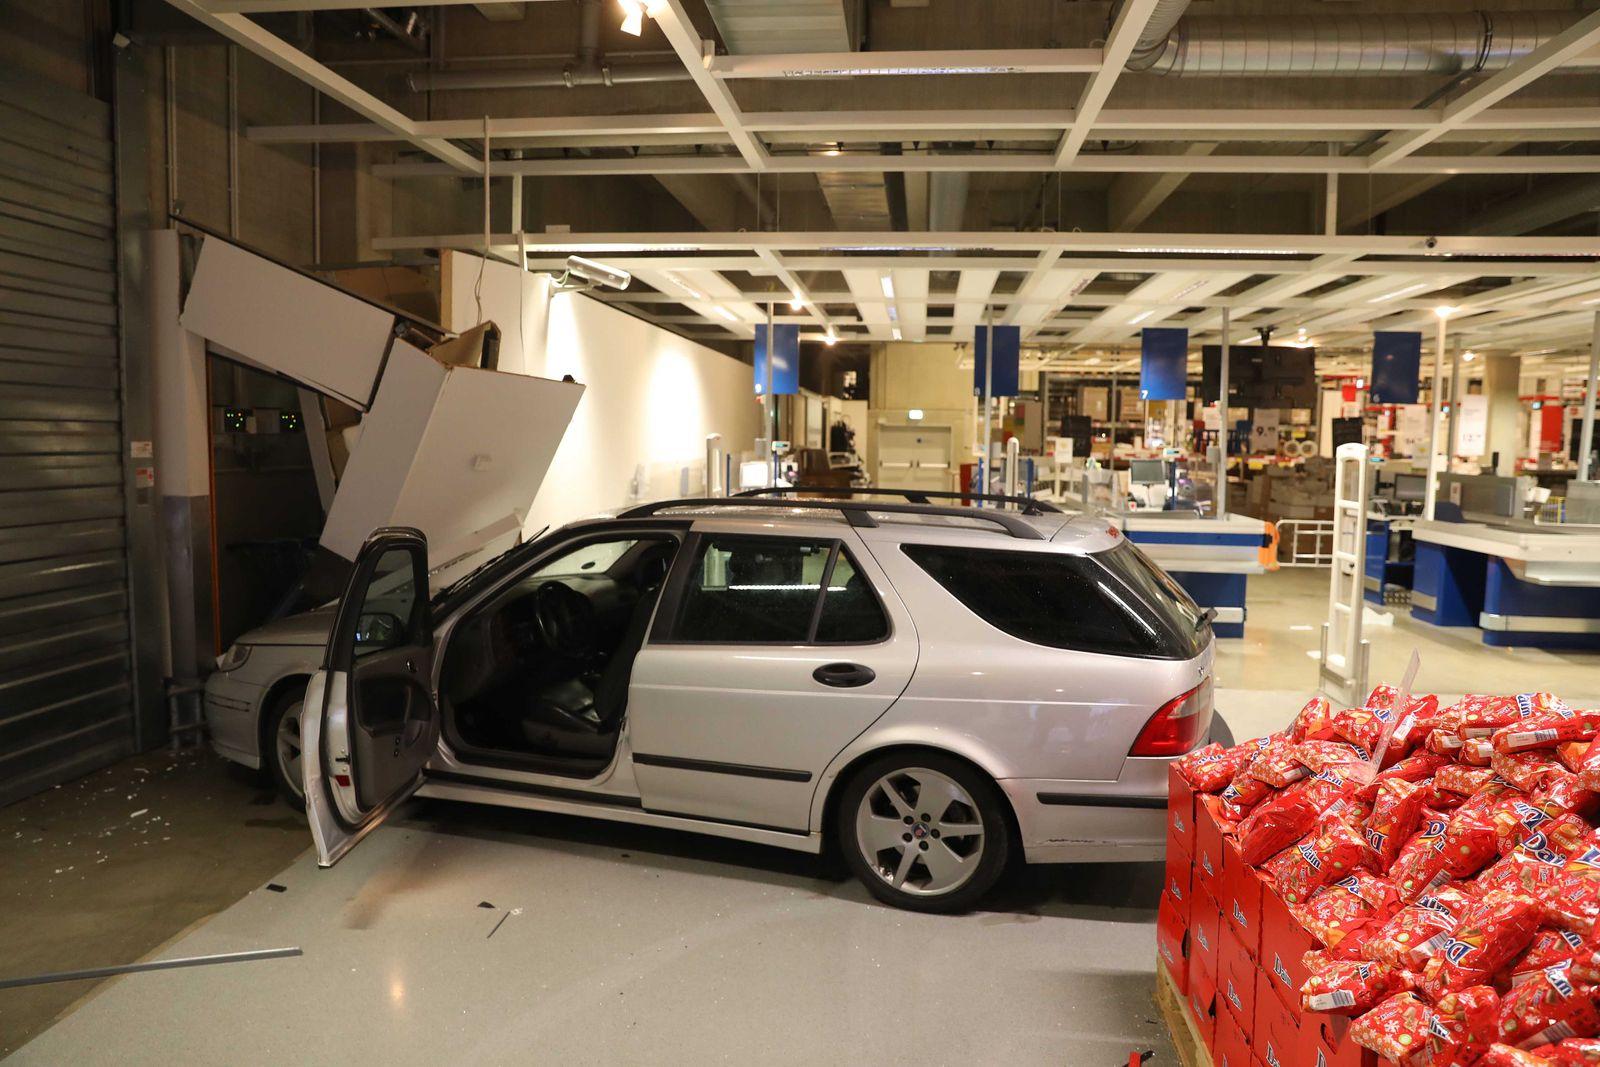 Autofahrt endet im Ikea-Einrichtungshaus